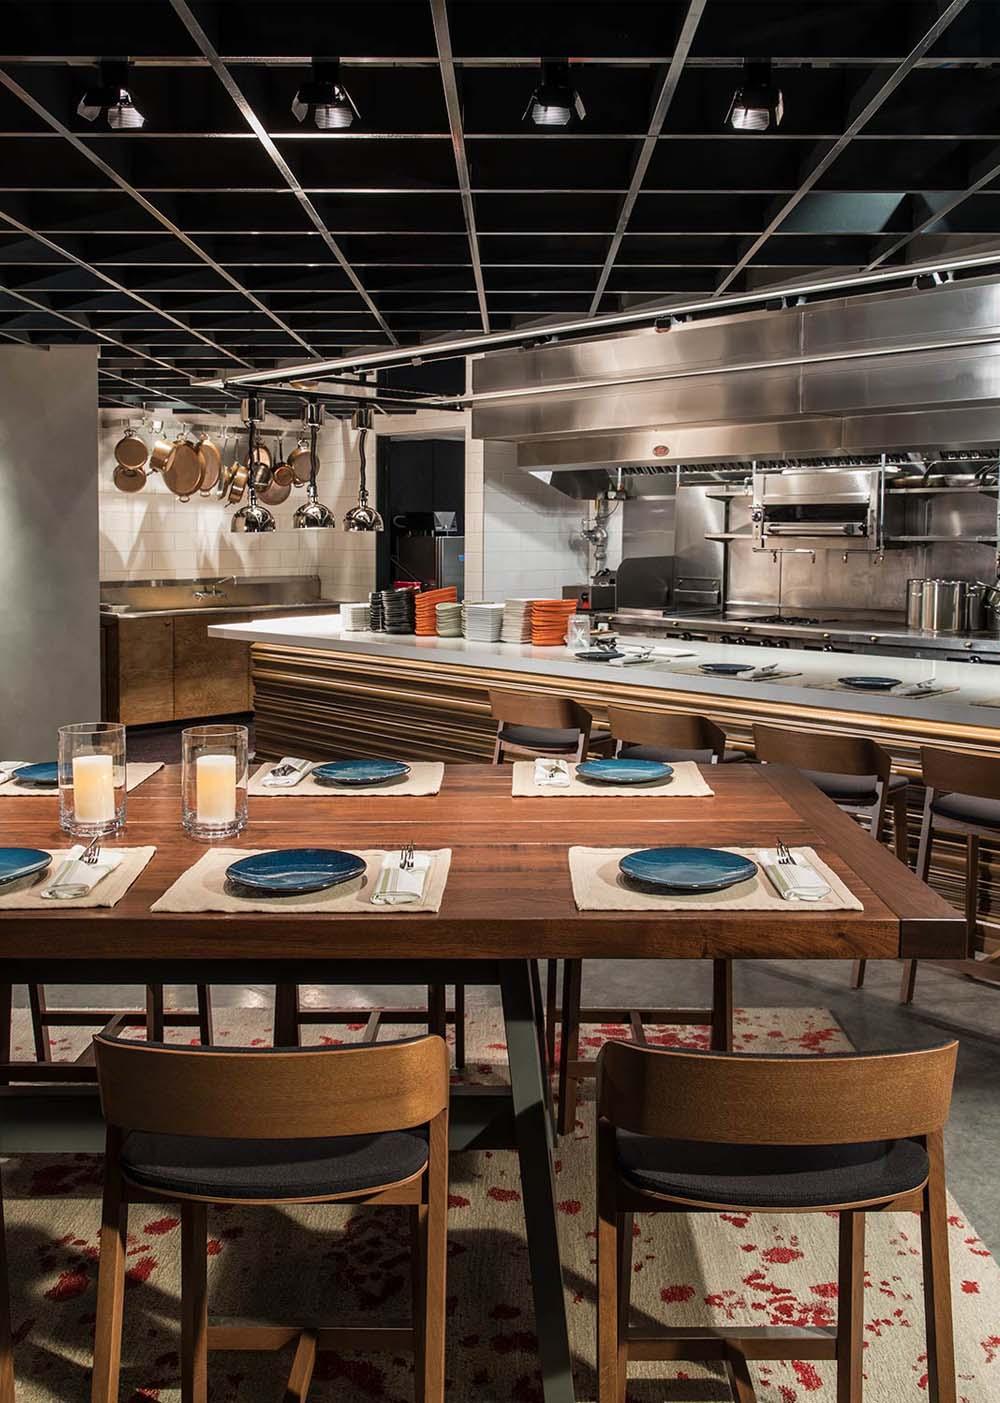 Taste Kitchen Hotel Restaurant Amp Nightclub Design By